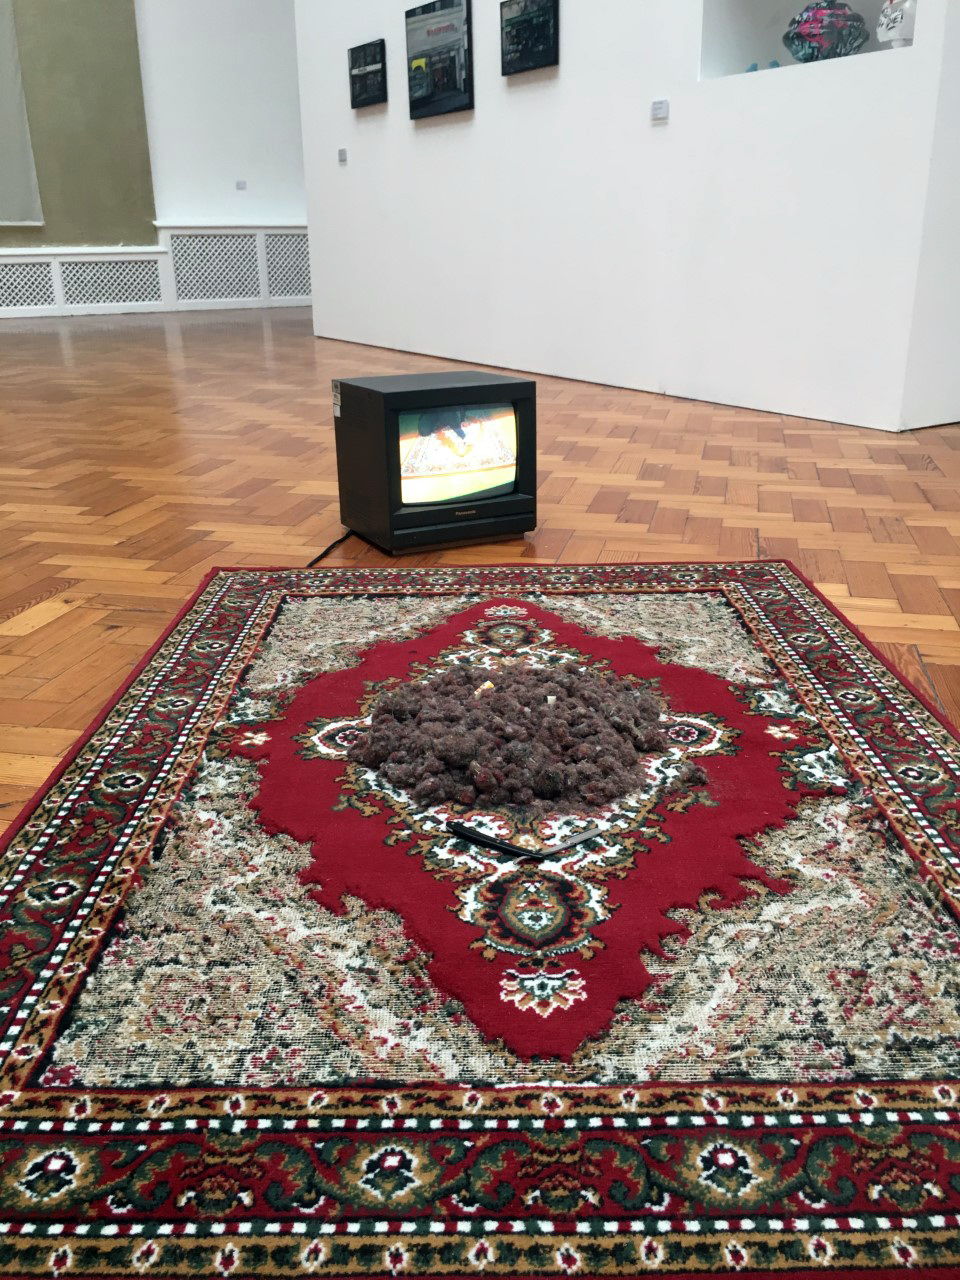 Omid Asadi, 'Four Corners' (2018)